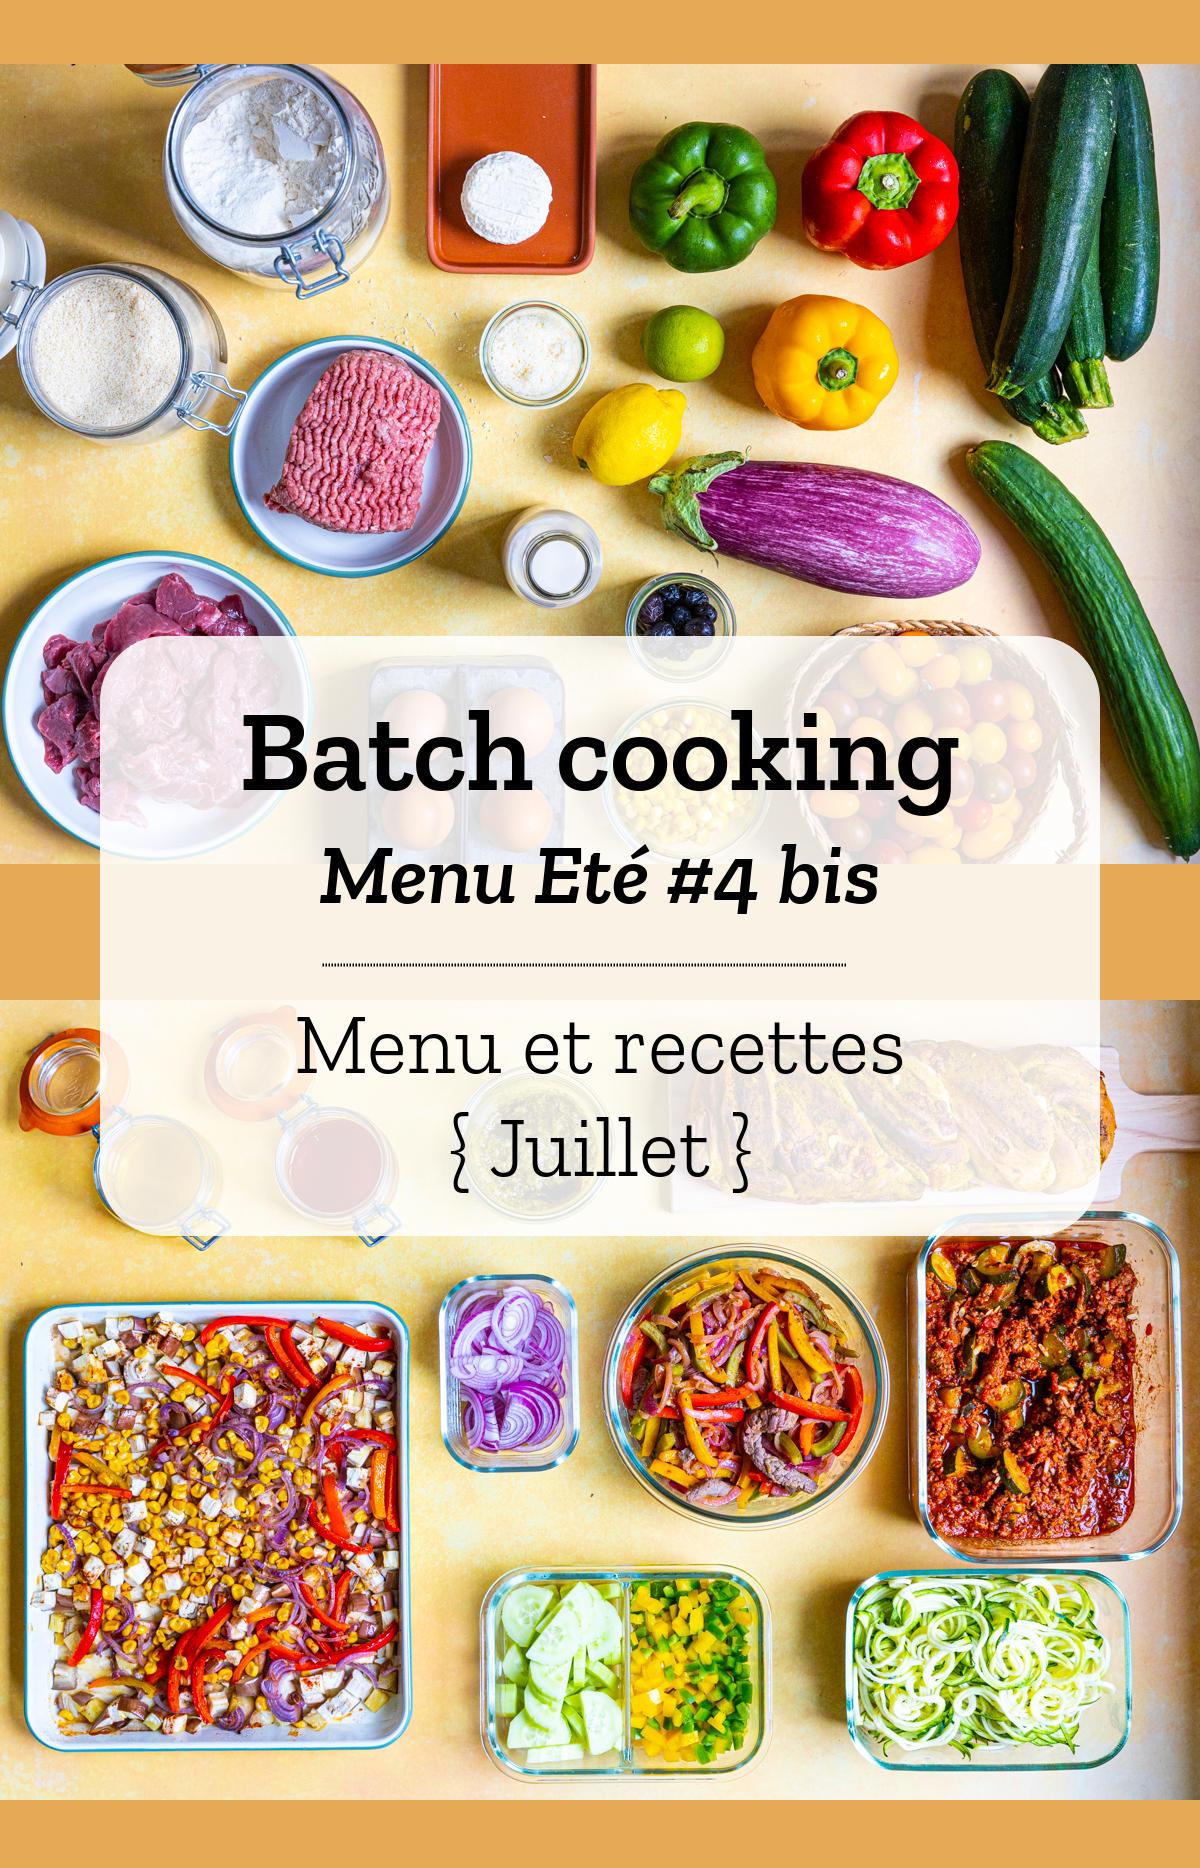 Batch cooking Eté #4 bis - Mois de juillet 2021 - Semaine 29